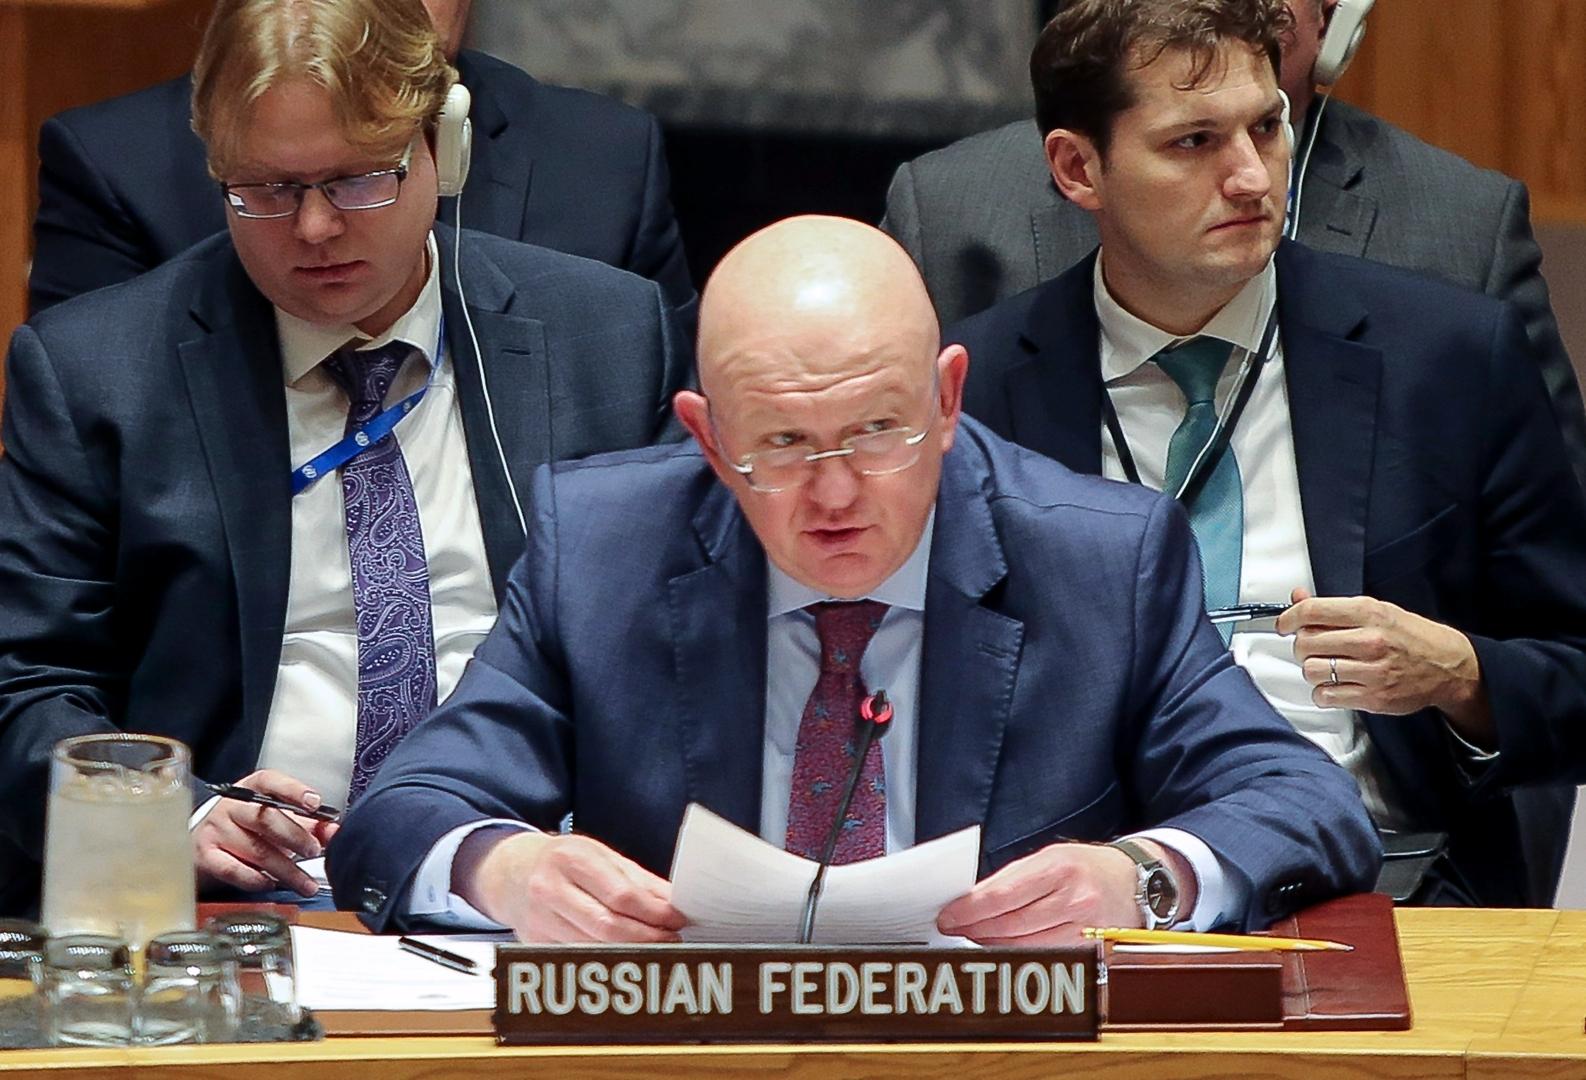 نيبينزيا: فليحفظك الرب يا كريستوف.. لا تقرأ نيويورك تايمز قبل اجتماع مجلس الأمن حول سوريا!